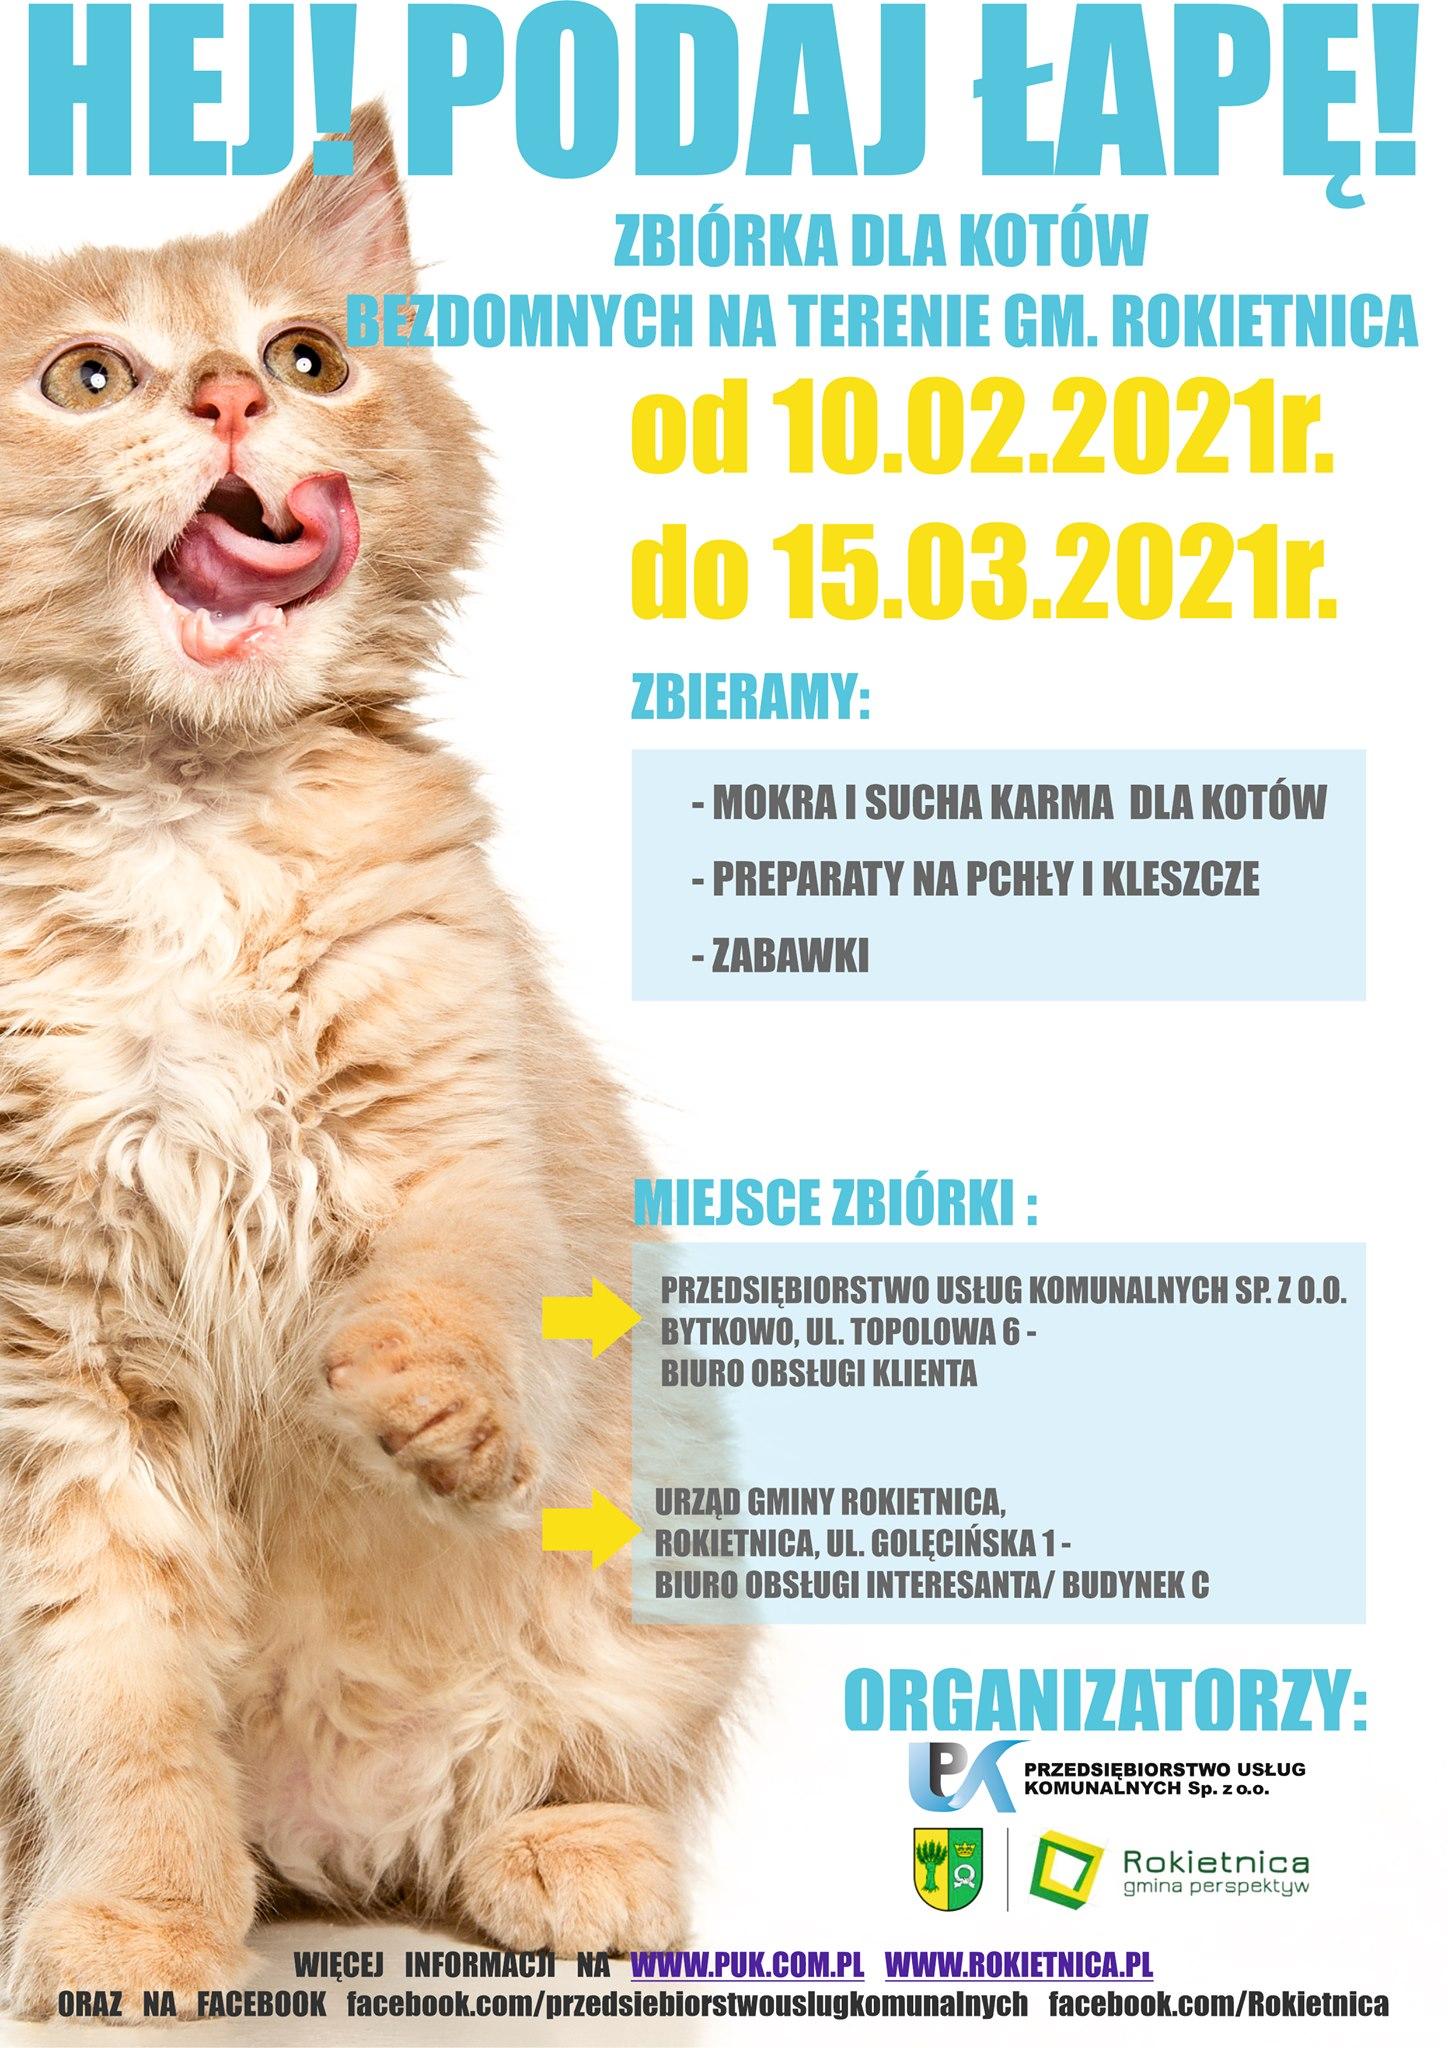 Na plakacie na białym tle zdjęcie rudego małego, oblizującego pyszczek kotka i tekst: Hej! Podaj łapę! Zbiórka dla kotów bezdomnych na terenie gm. Rokietnica od 10.02.2021 r. do 15.03.2021 r. Zbieramy: - mokra i sucha karma dla kotów - preparaty na pchły i kleszcze - zabawki poniżej szczegóły zbiórki